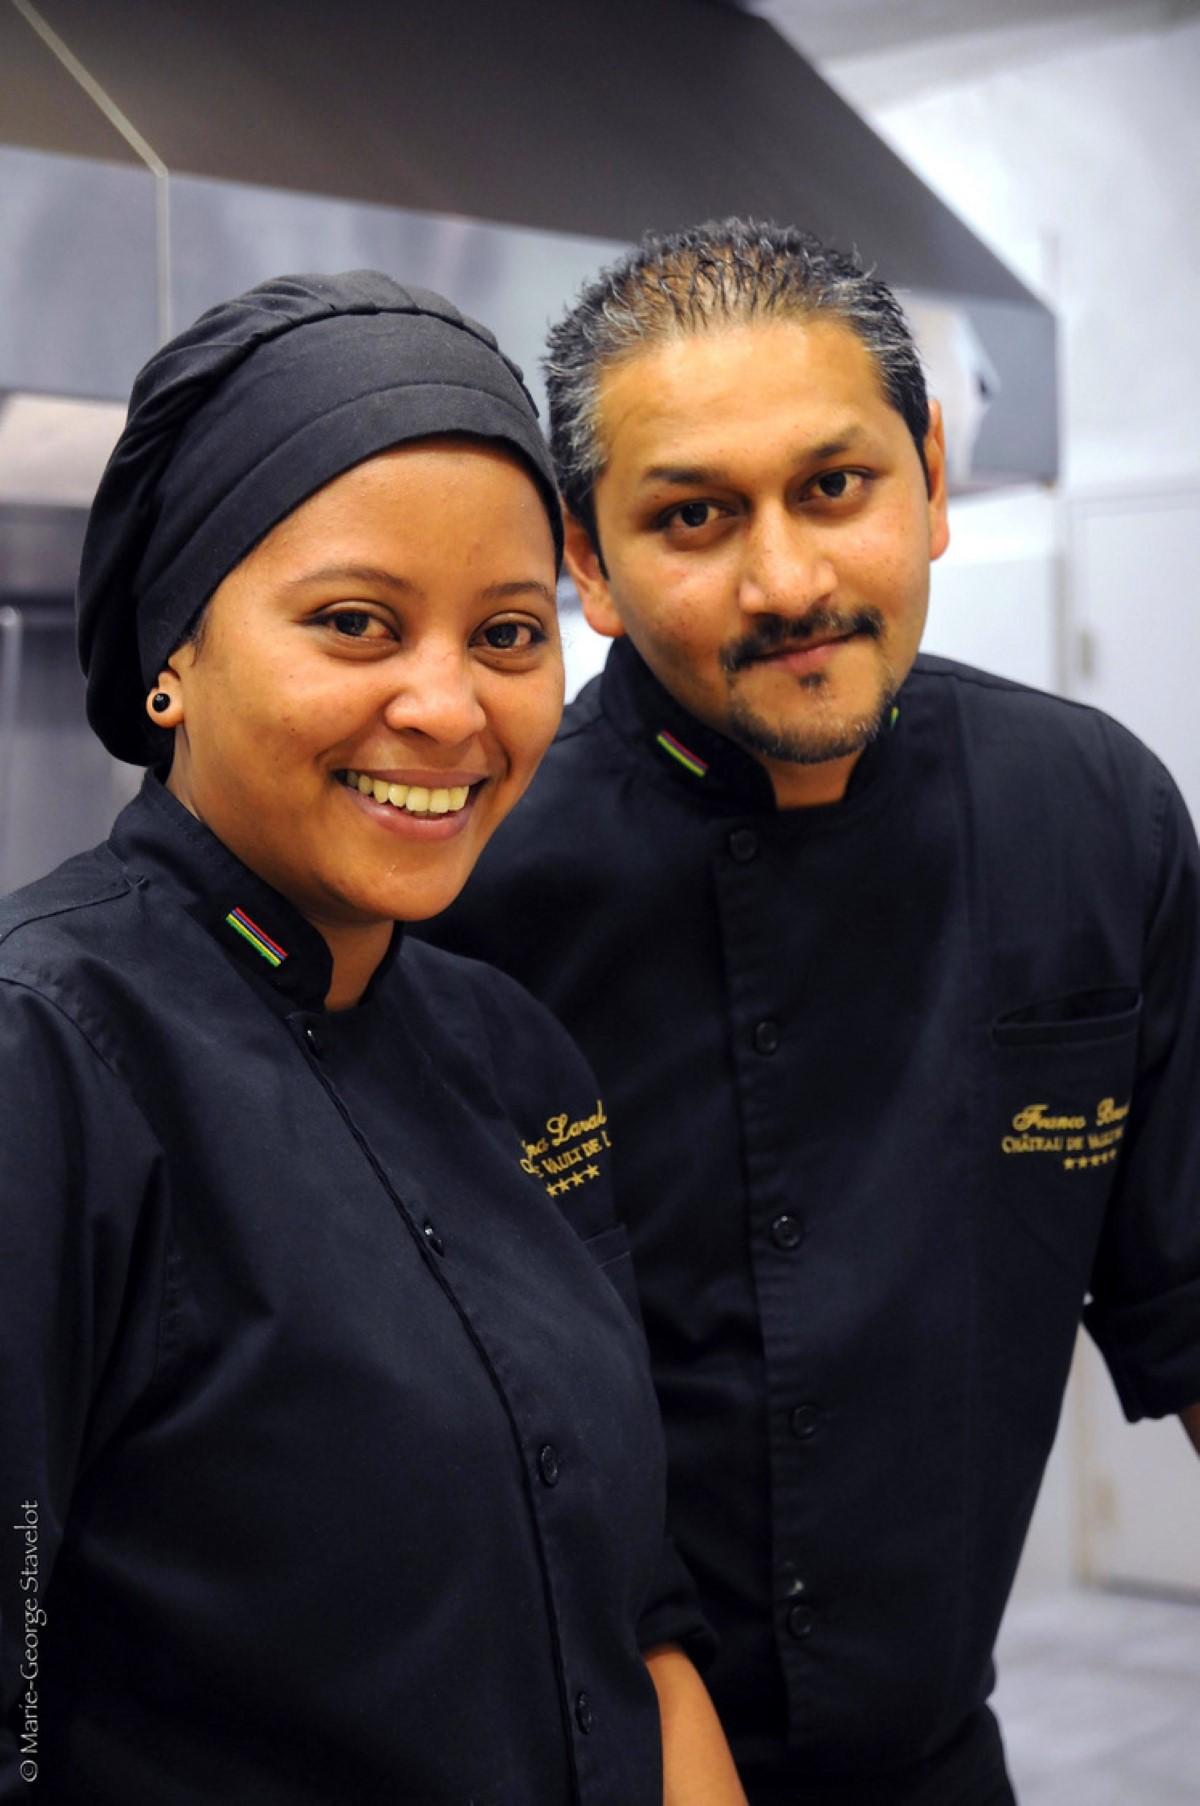 Le Mauricien Franco Bowanee, Chef Etoilé du Guide Michelin France 2019